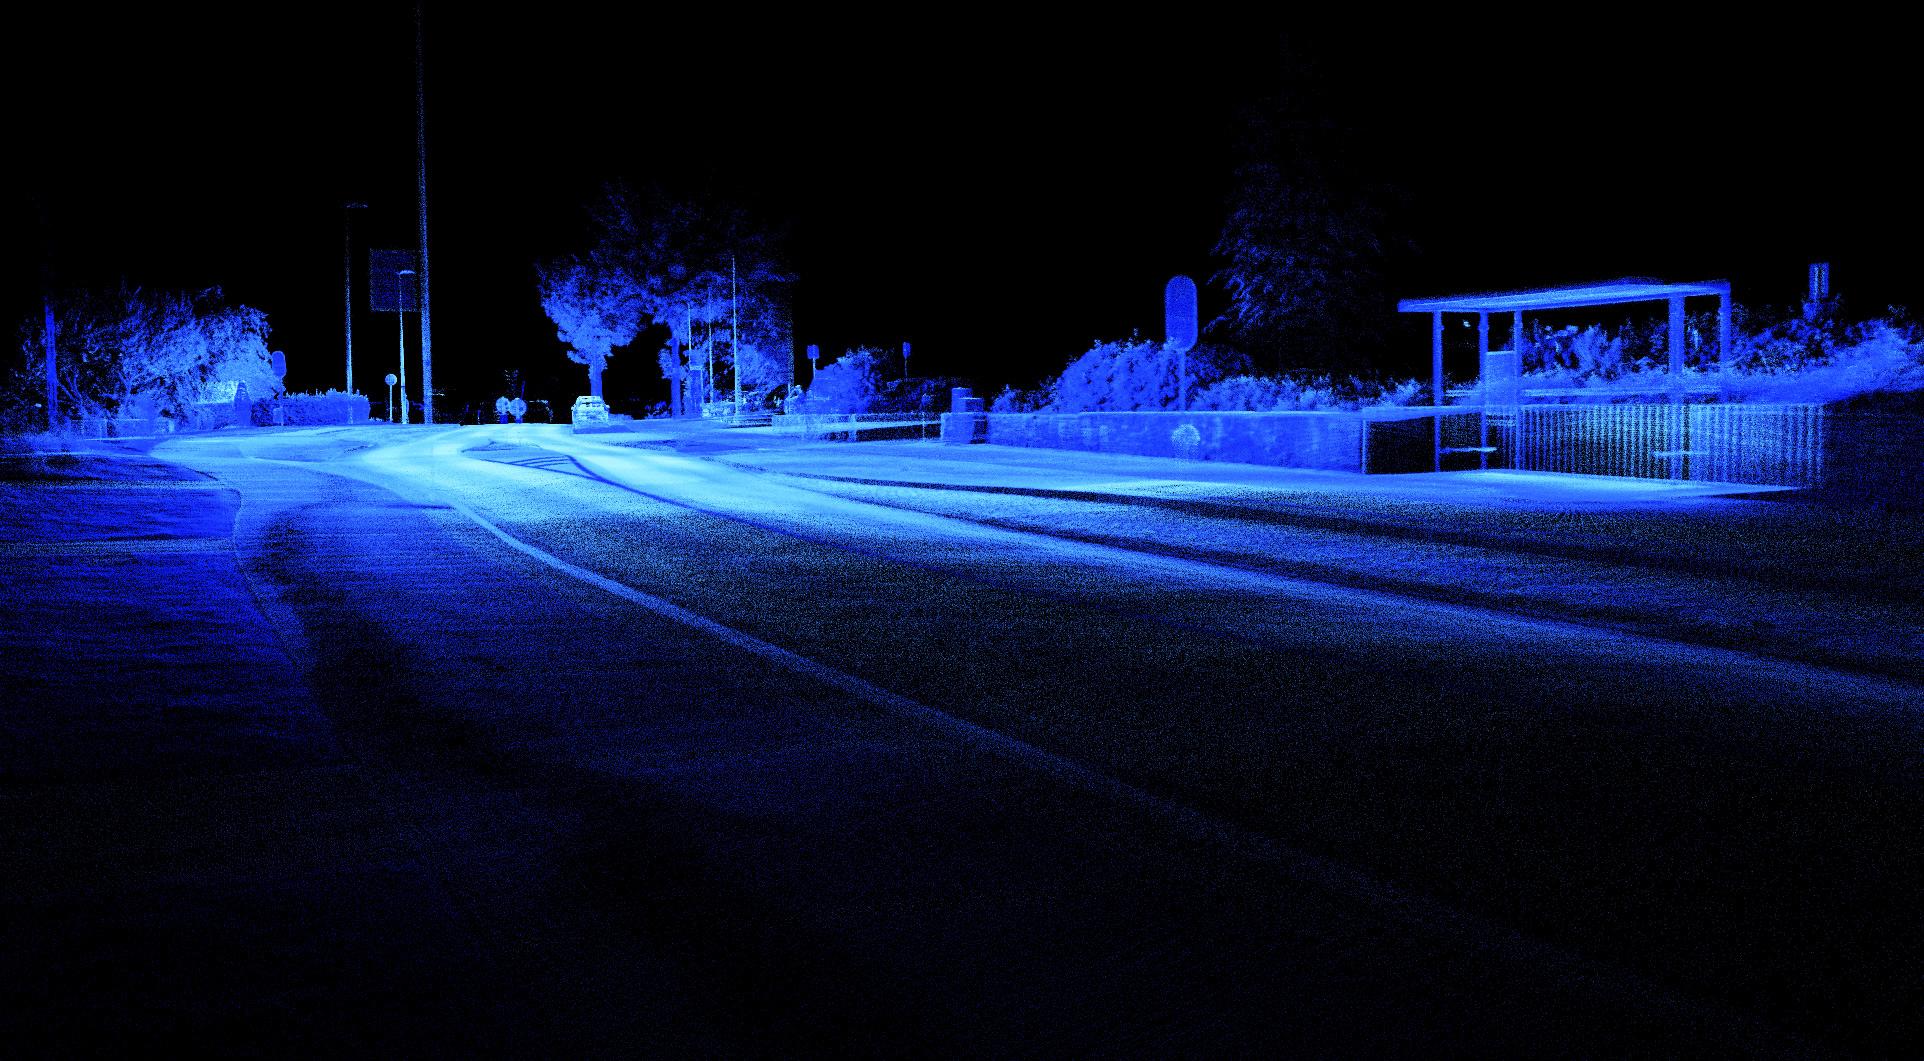 Nahverkehr-Digitalisierung-Mobiler-Laserscanner-02